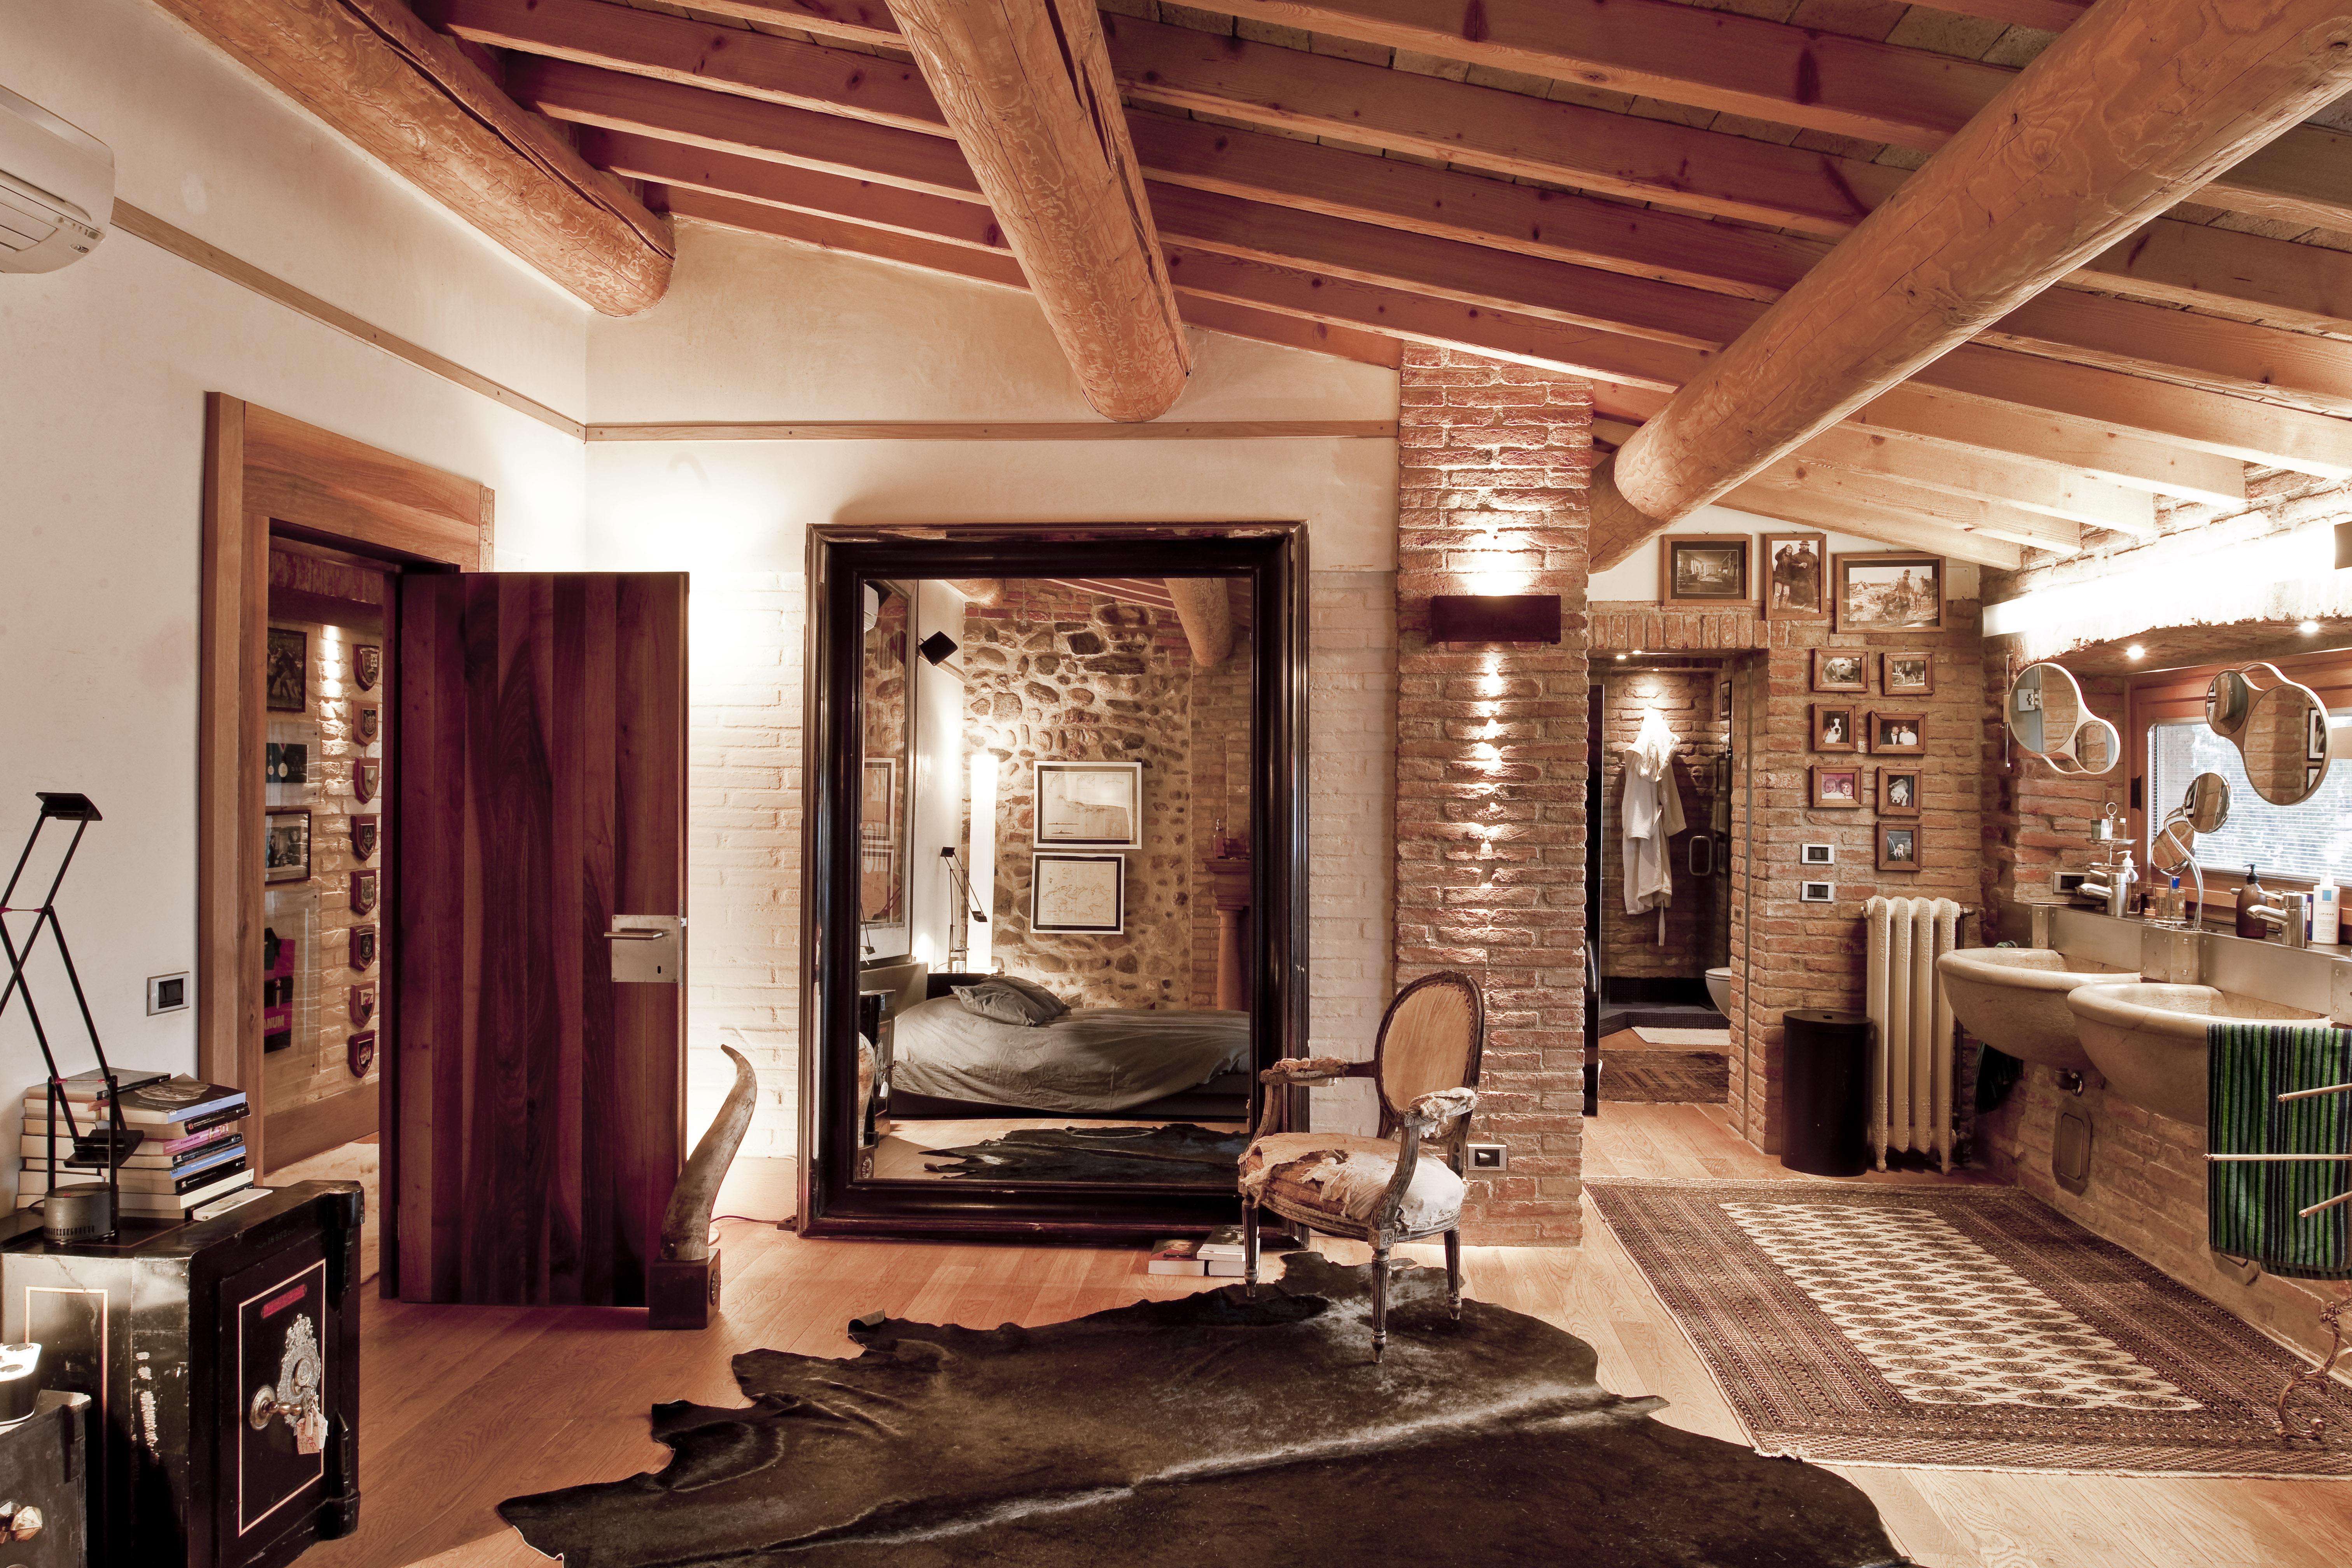 Casa di campagna interno fotografo brescia ottavio tomasini